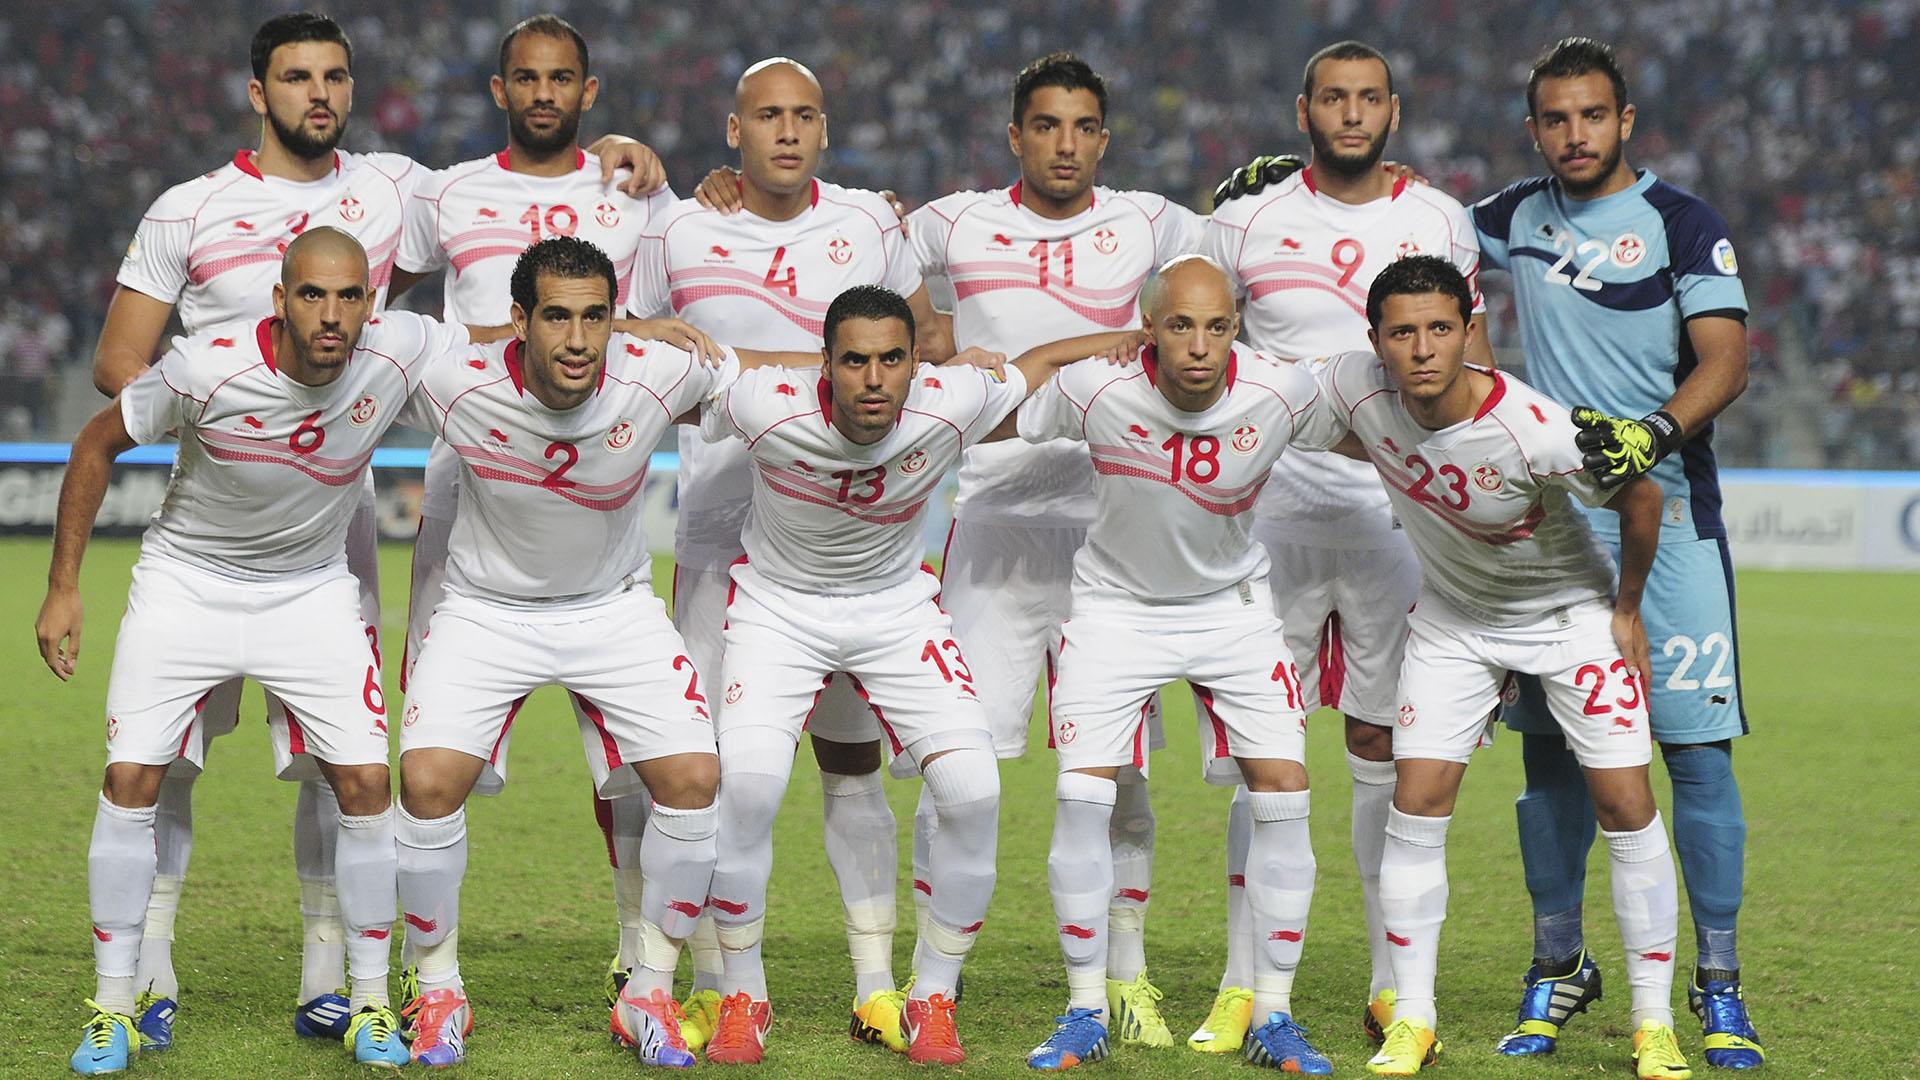 Con un promedio de edad de 27 años, el valor de Túnez es de 36,50 millones de dólares